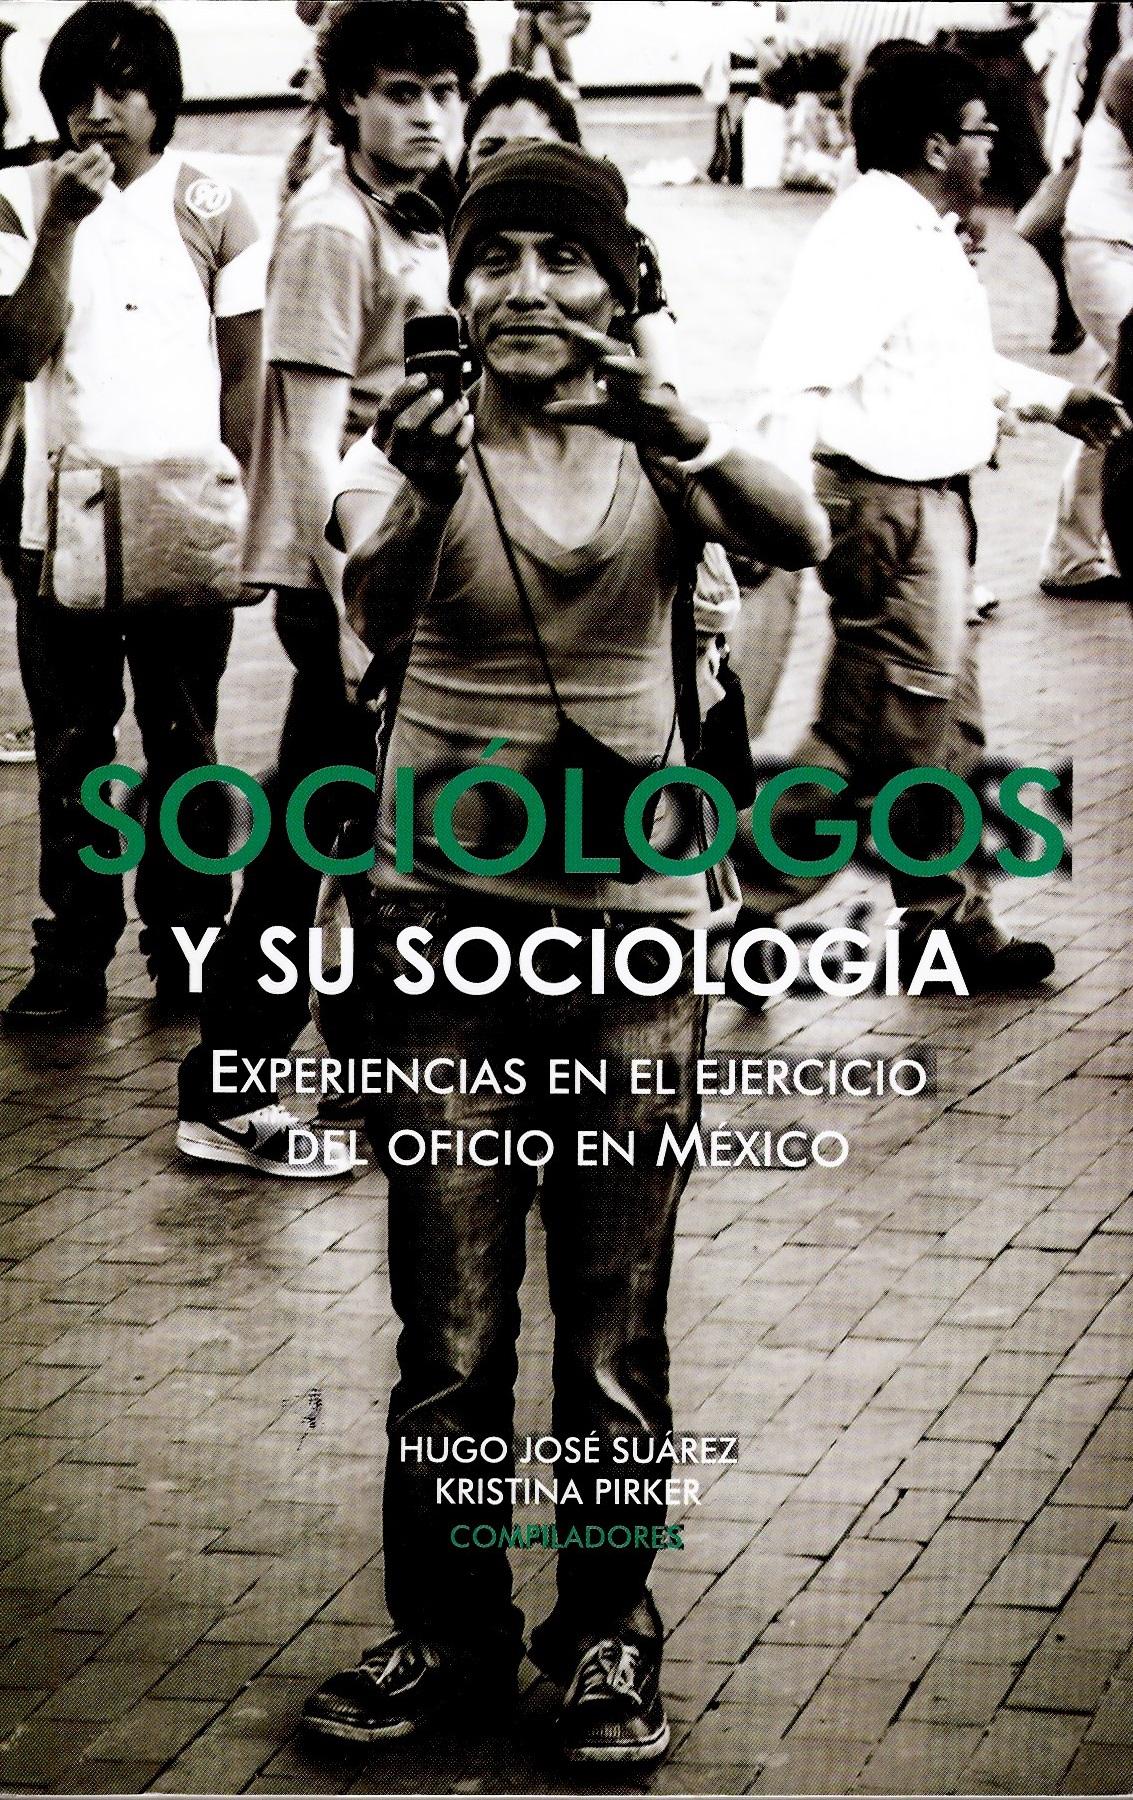 Sociologos y su sociología. Experiencias en el ejercicio del oficio en México